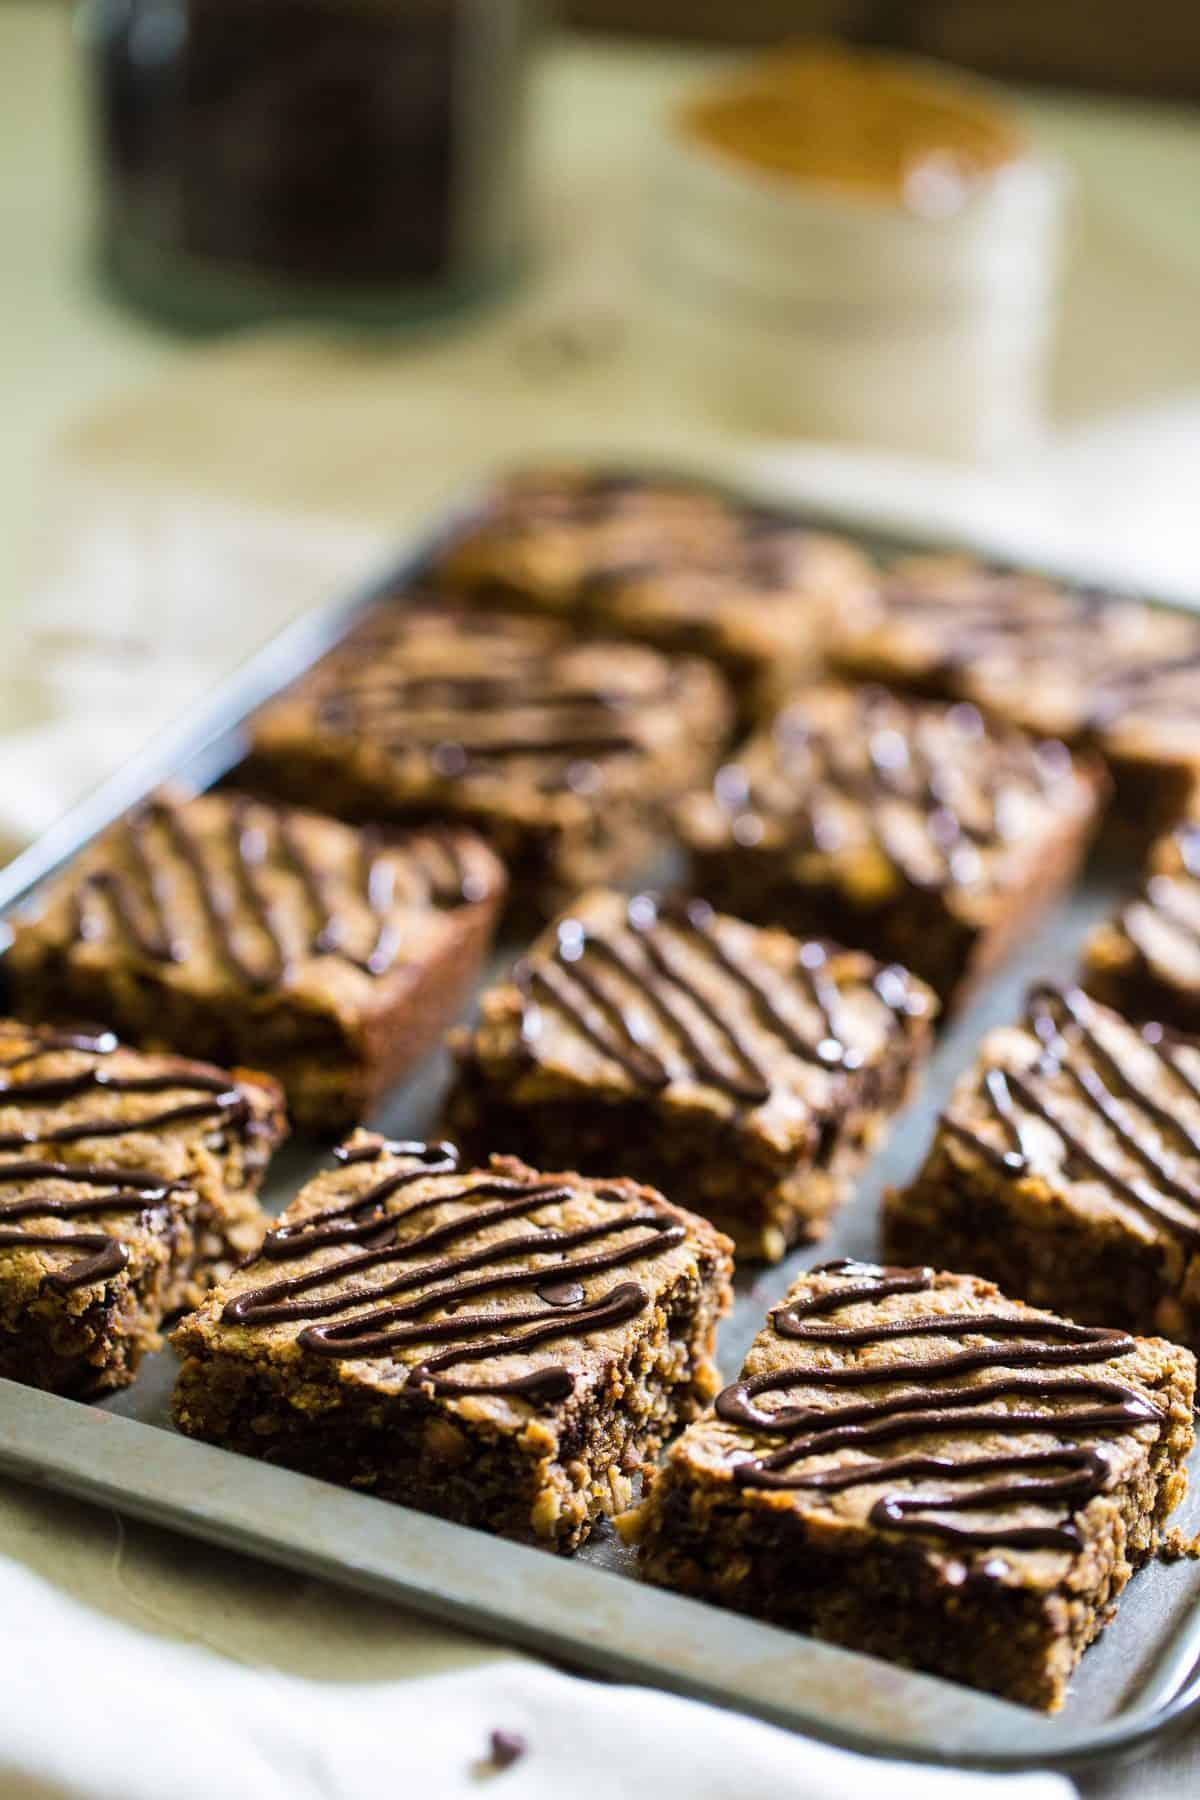 16 Healthy Breakfast Bars on a baking sheet